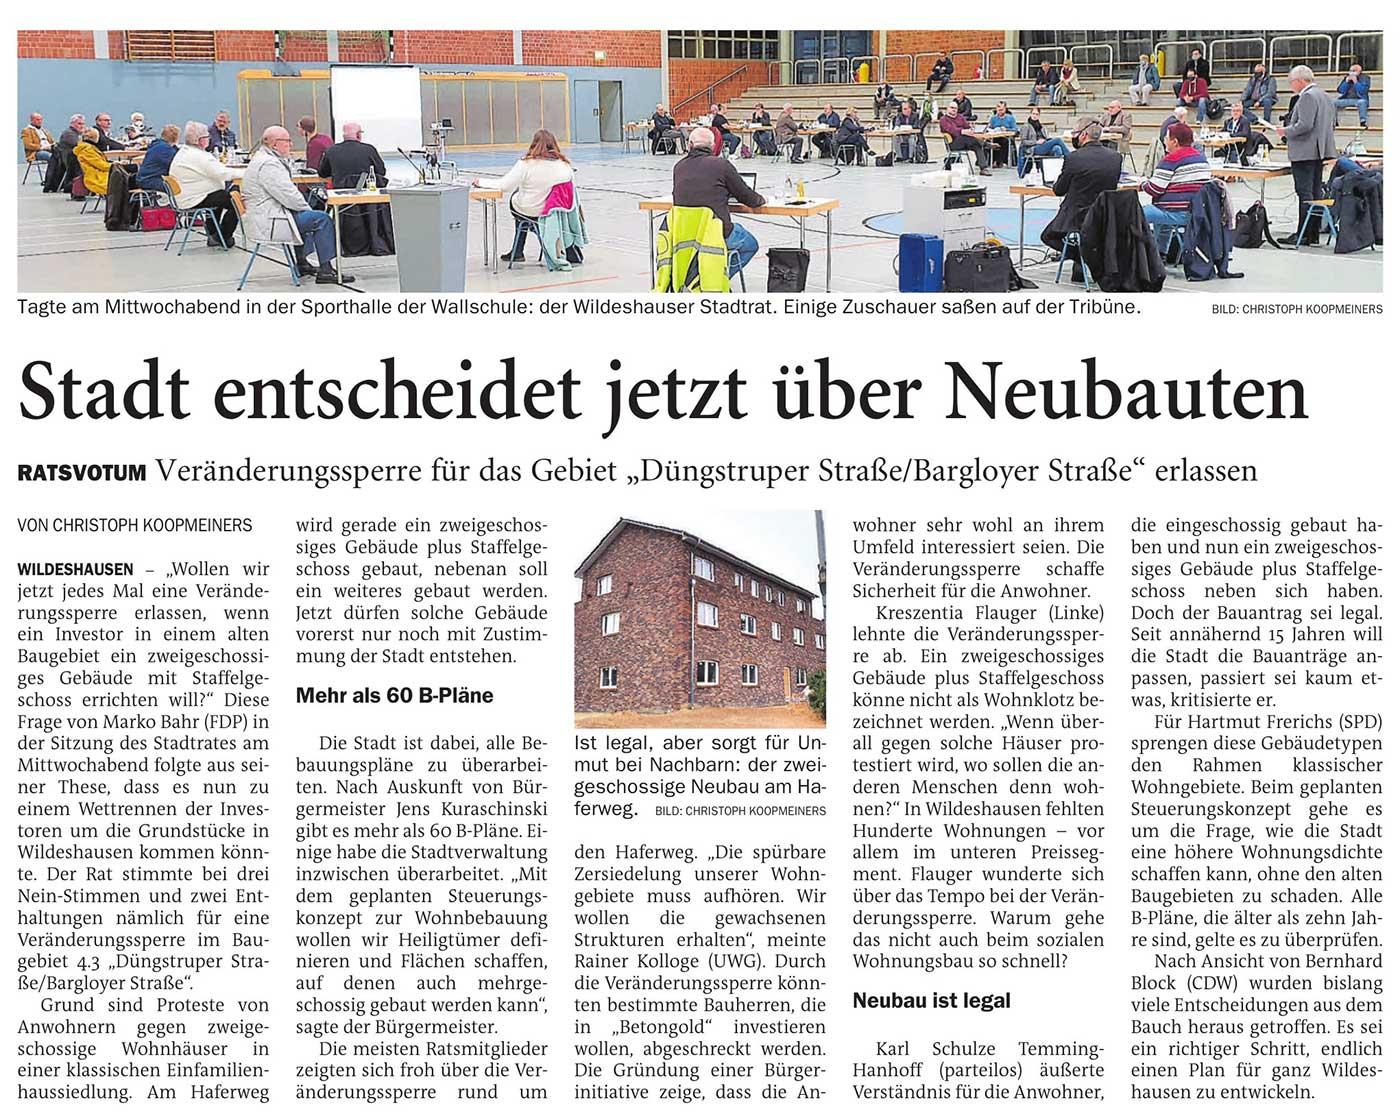 Stadt entscheidet jetzt über NeubautenRatsvotum: Veränderungssperre für das Gebiet 'Düngstruper Straße/Bargloyer Straße' erlassenArtikel vom 27.11.2020 (NWZ)